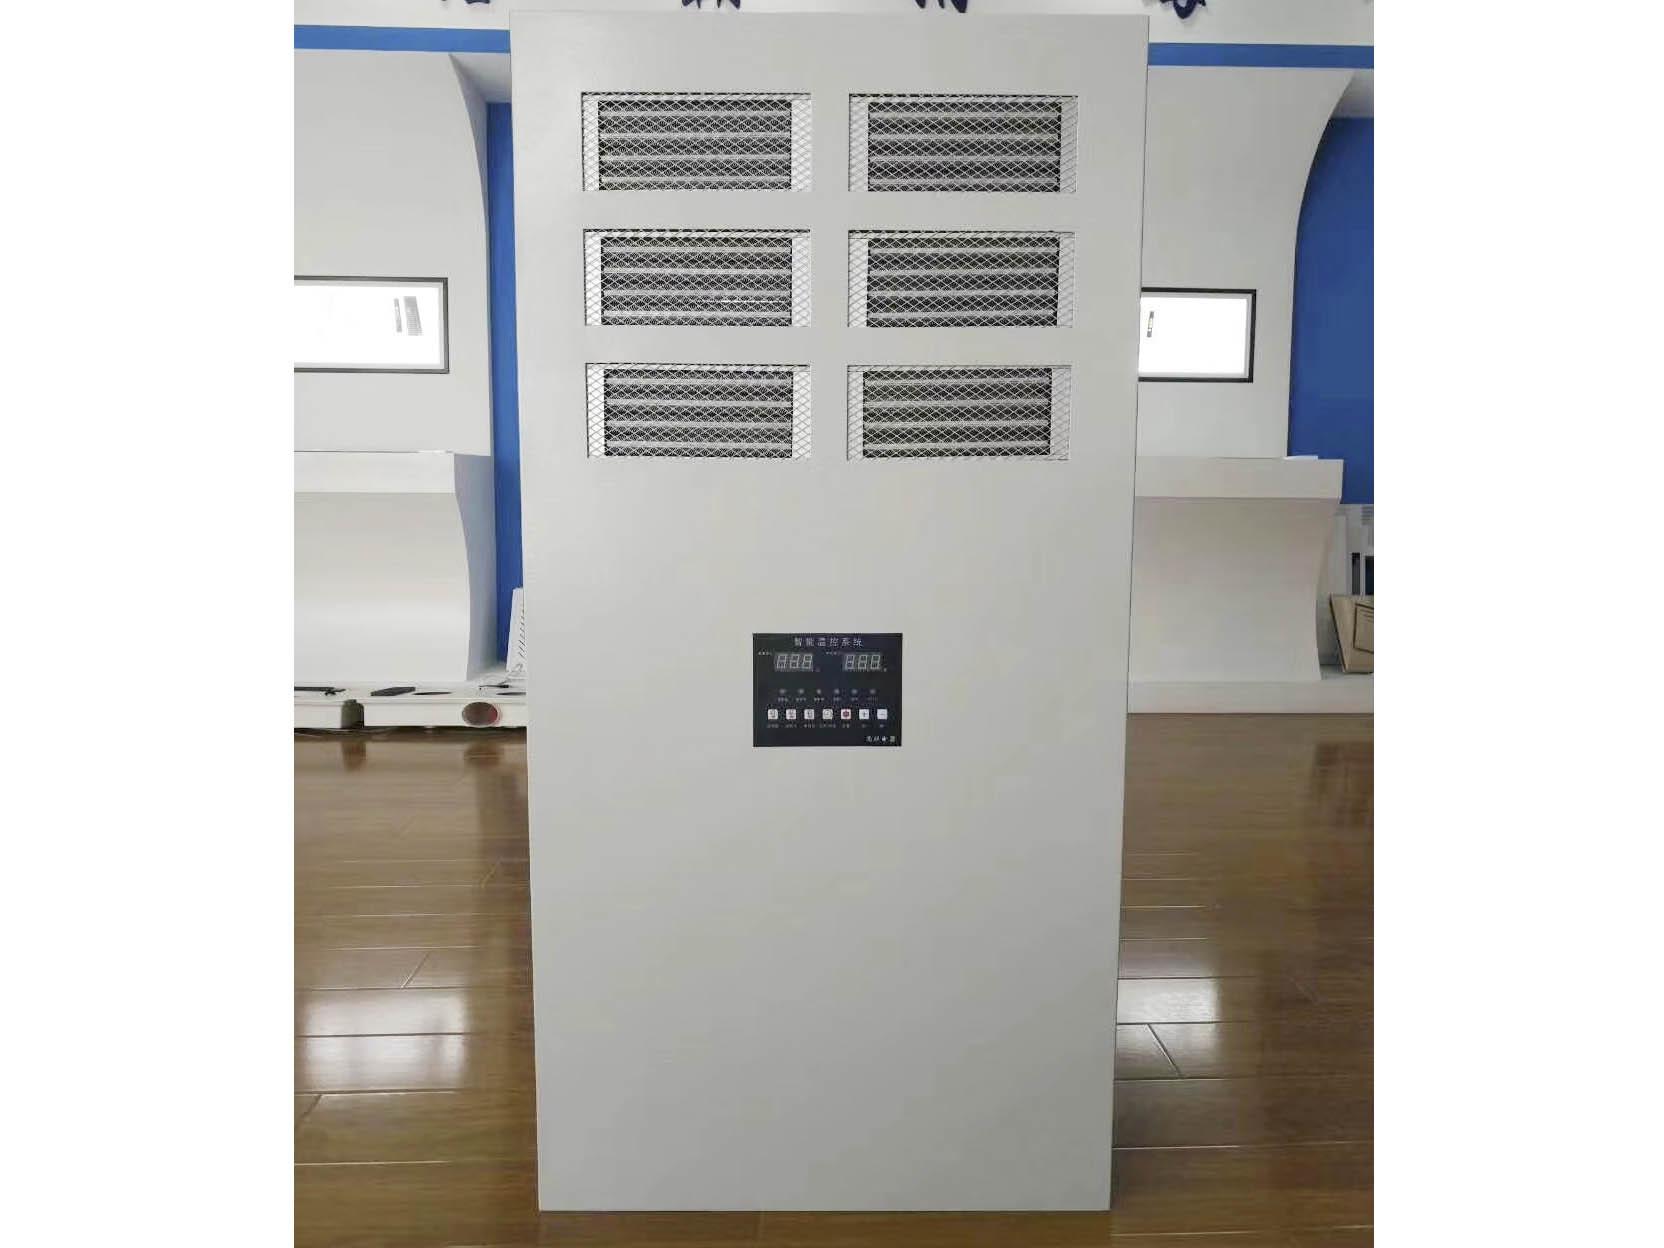 【差点错过】工业取暖热风机生产厂家#工业取暖热风机价格_广发